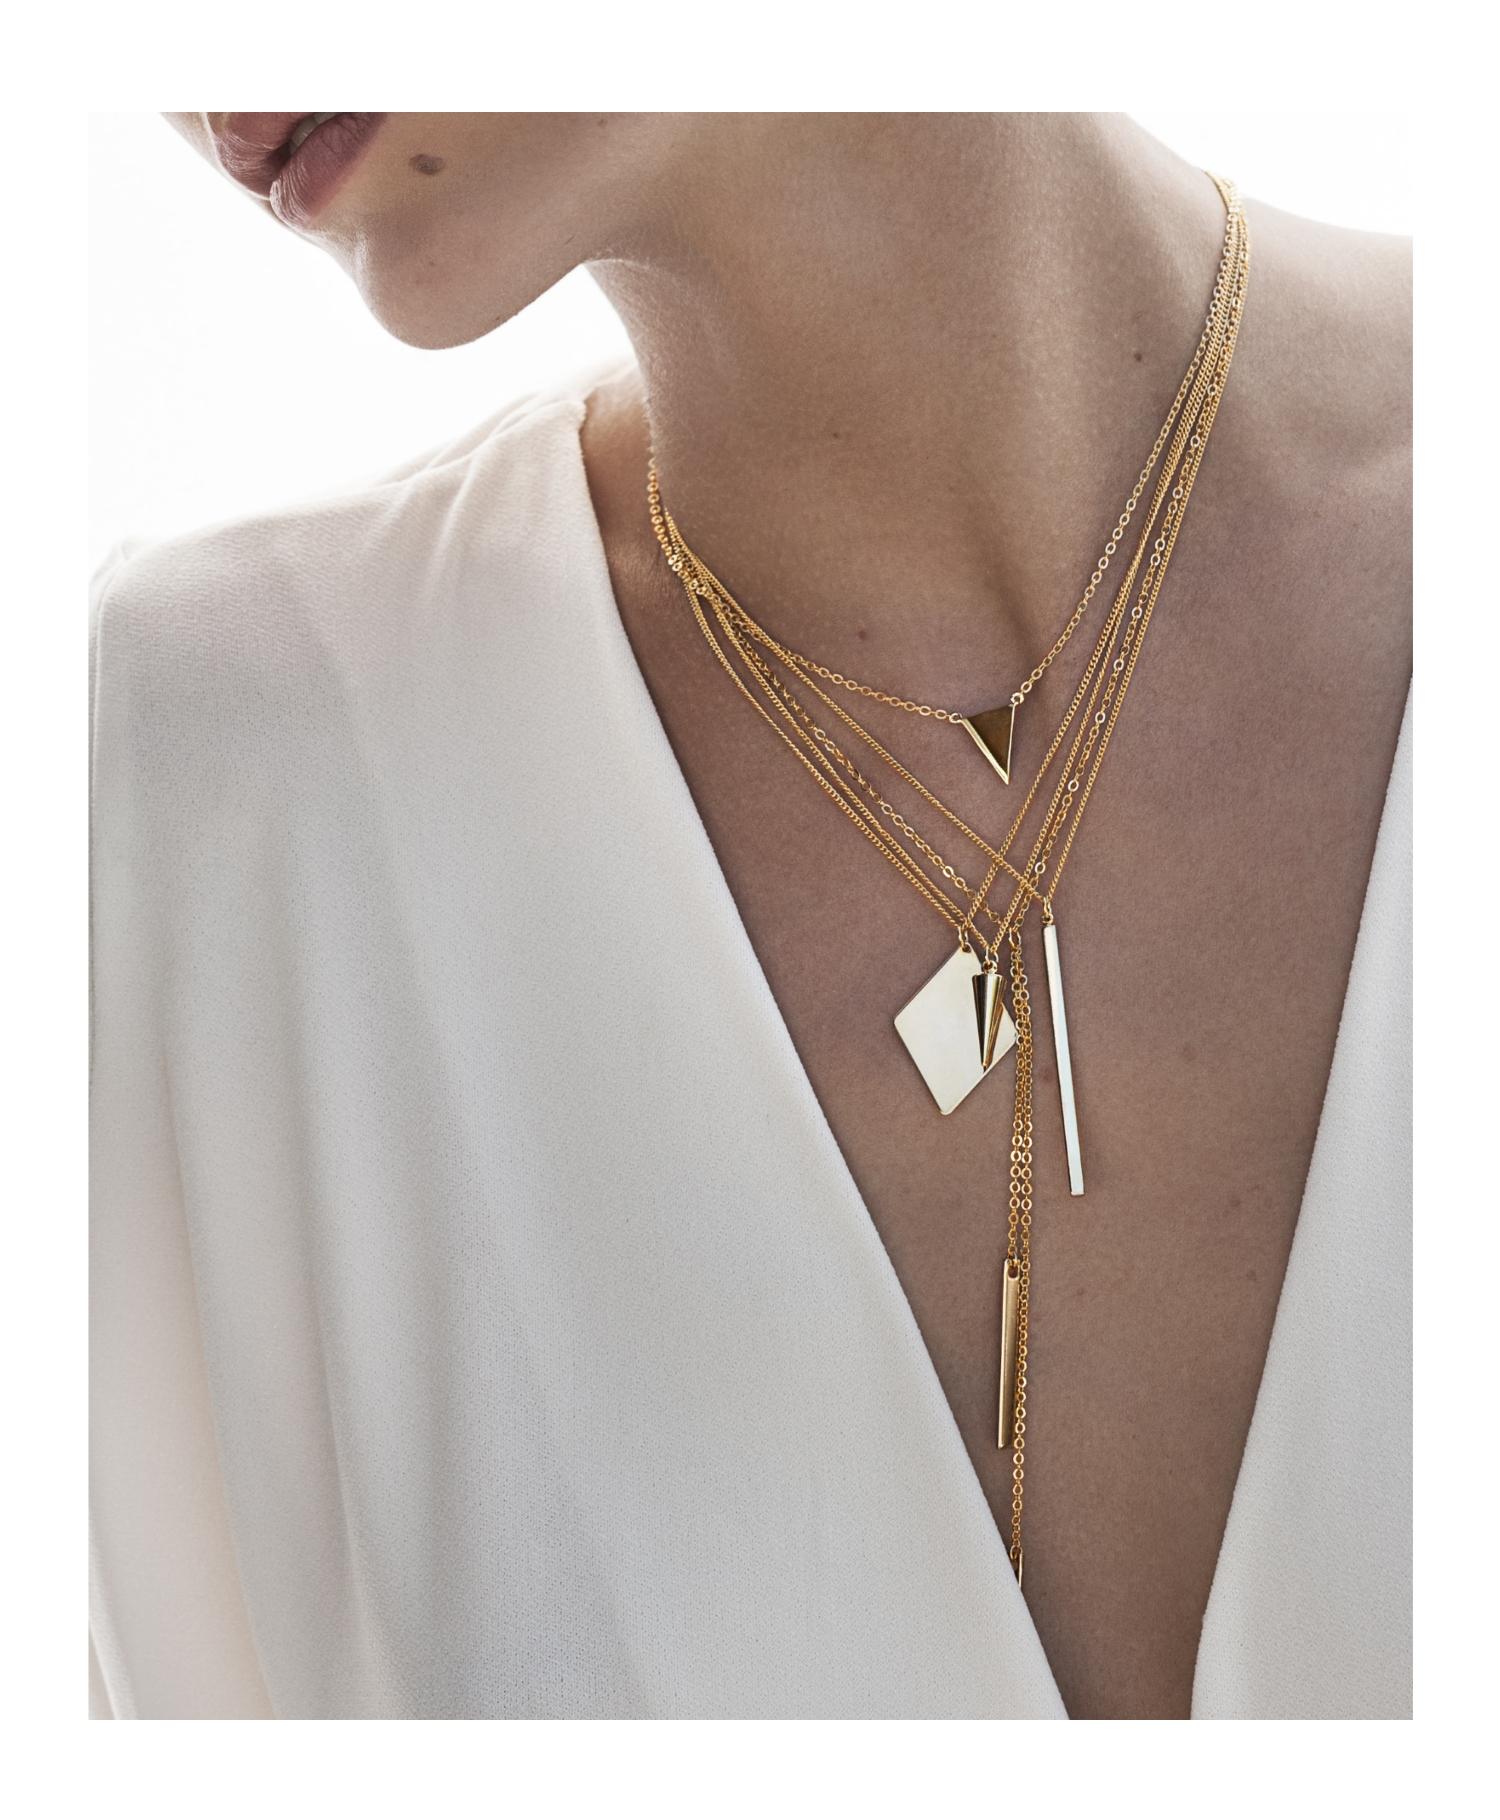 mehrlagige Kette Gold vergoldet Madeleine Issing